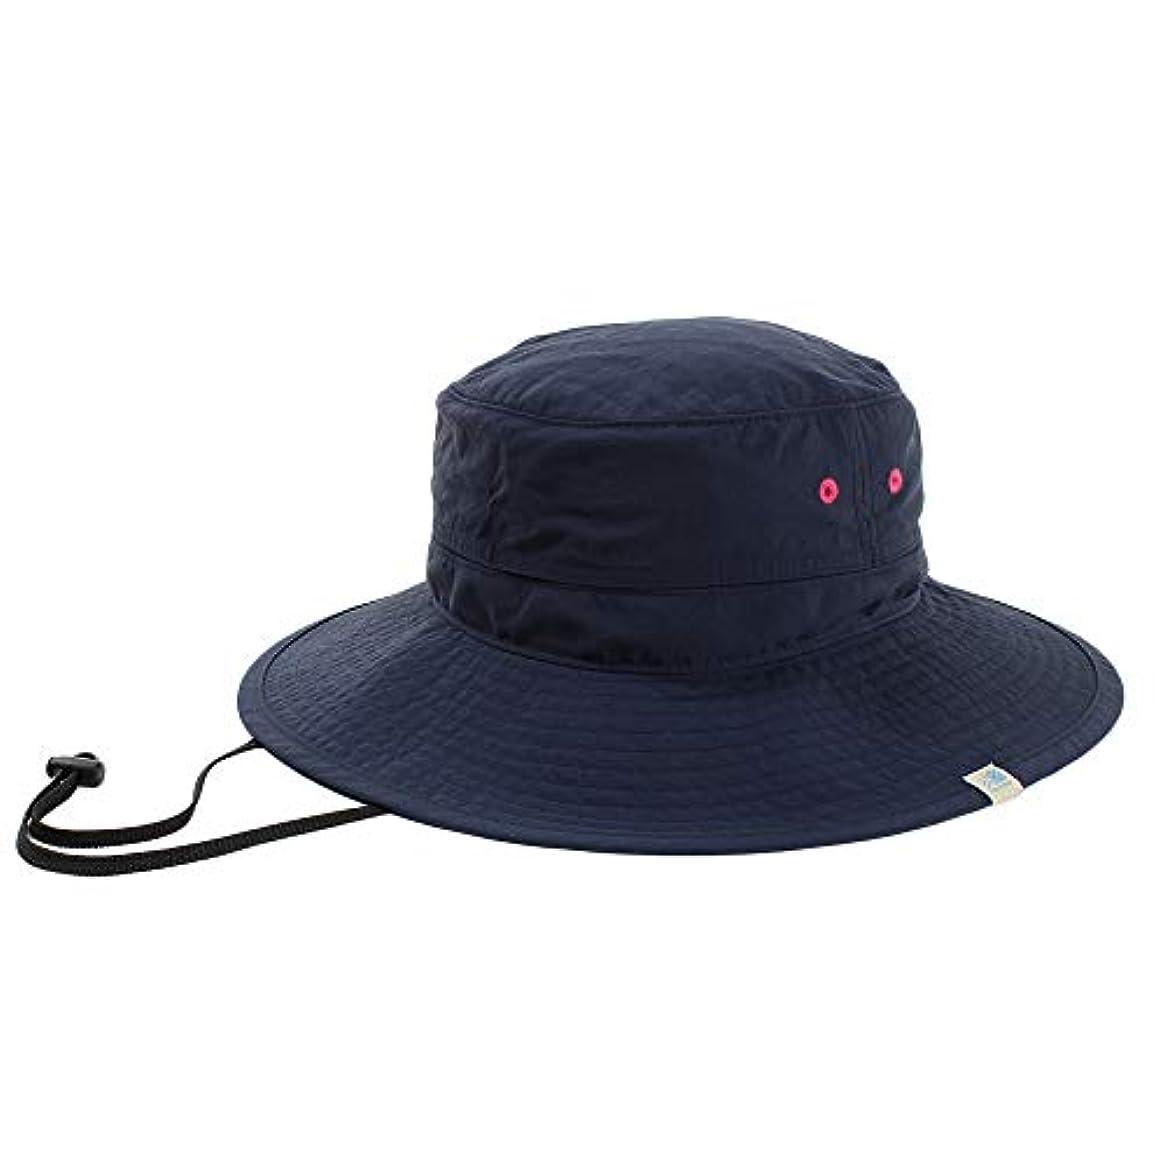 浸す難破船にぎやかカリマー(カリマー) ベンチレーション クラシック ST +d 帽子 82101A161-NAVY